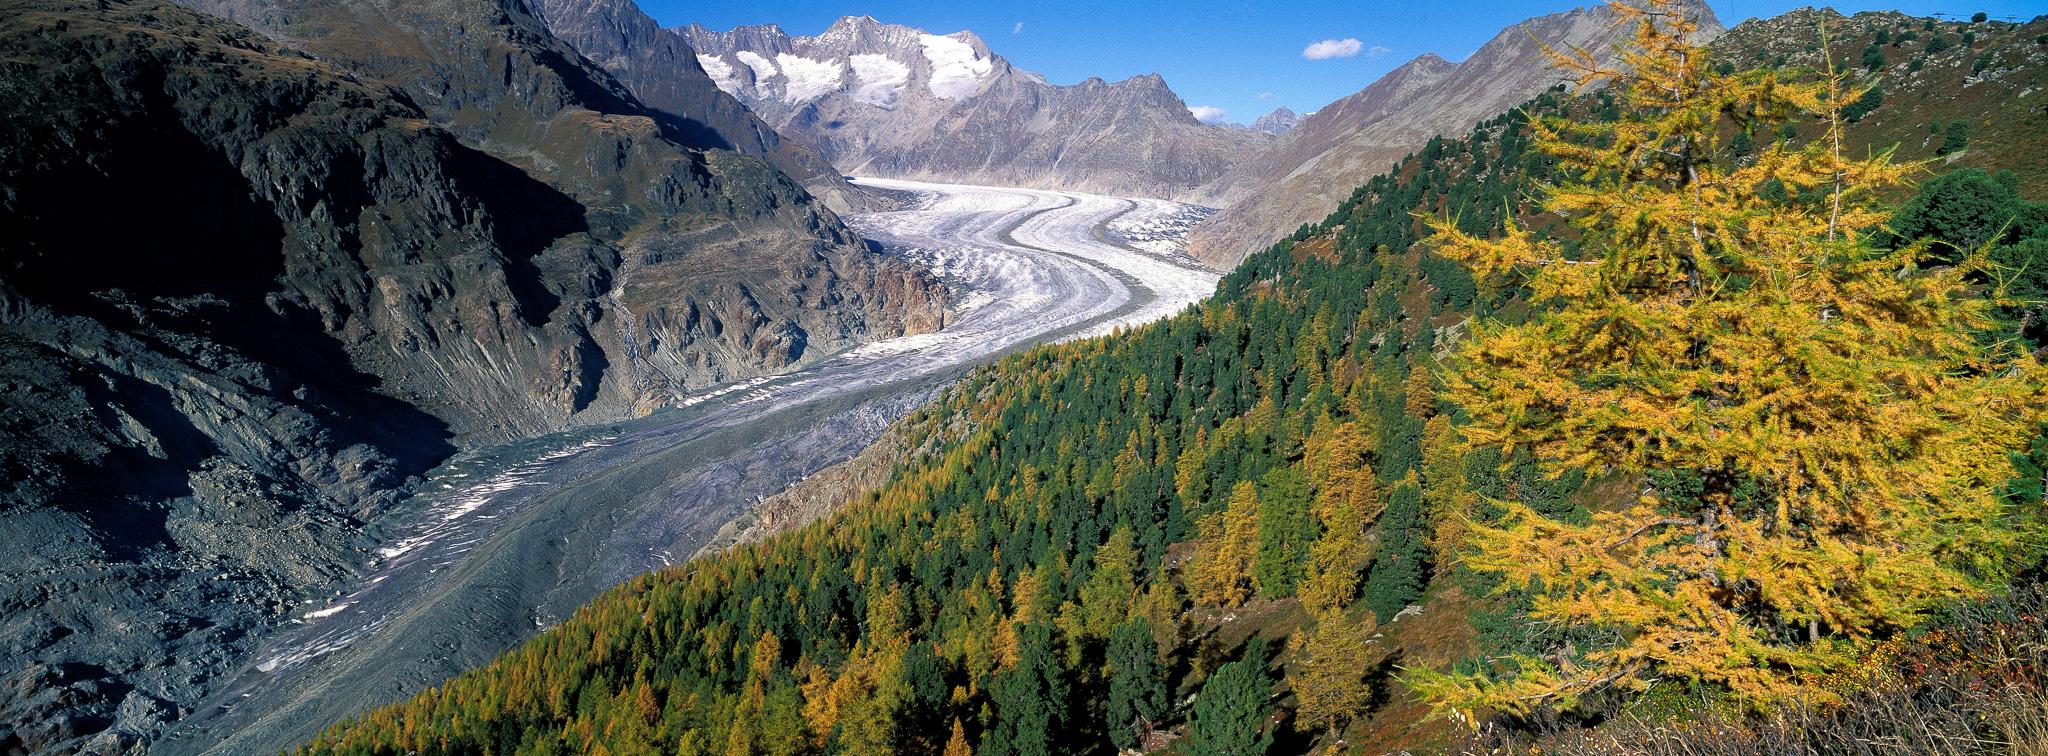 Glacier d'Aletsch, Switzerland